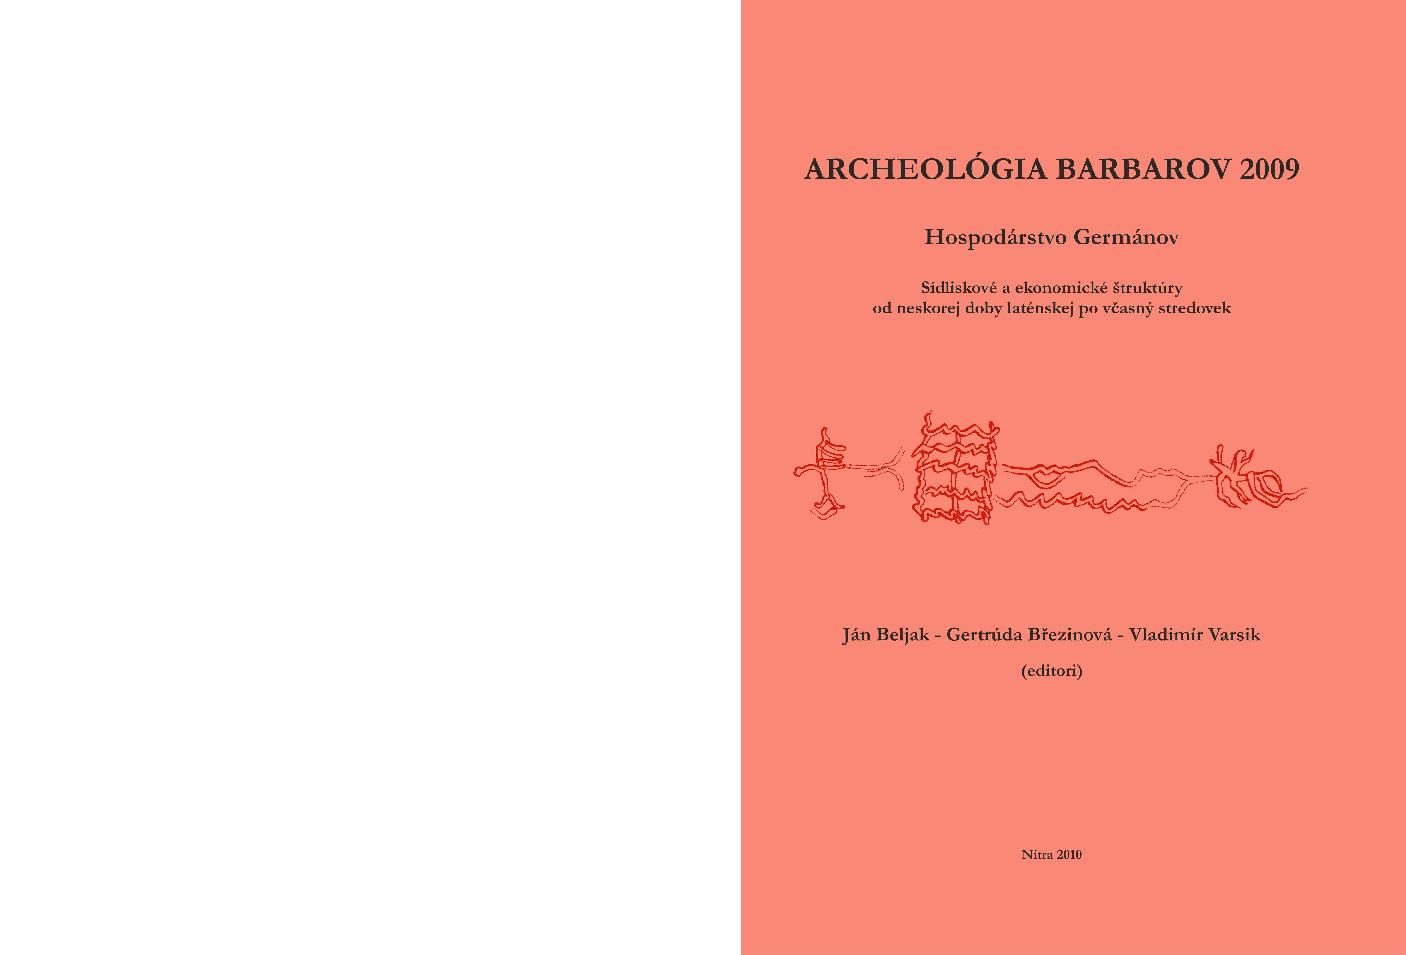 Archeológia absolútna datovania metódy